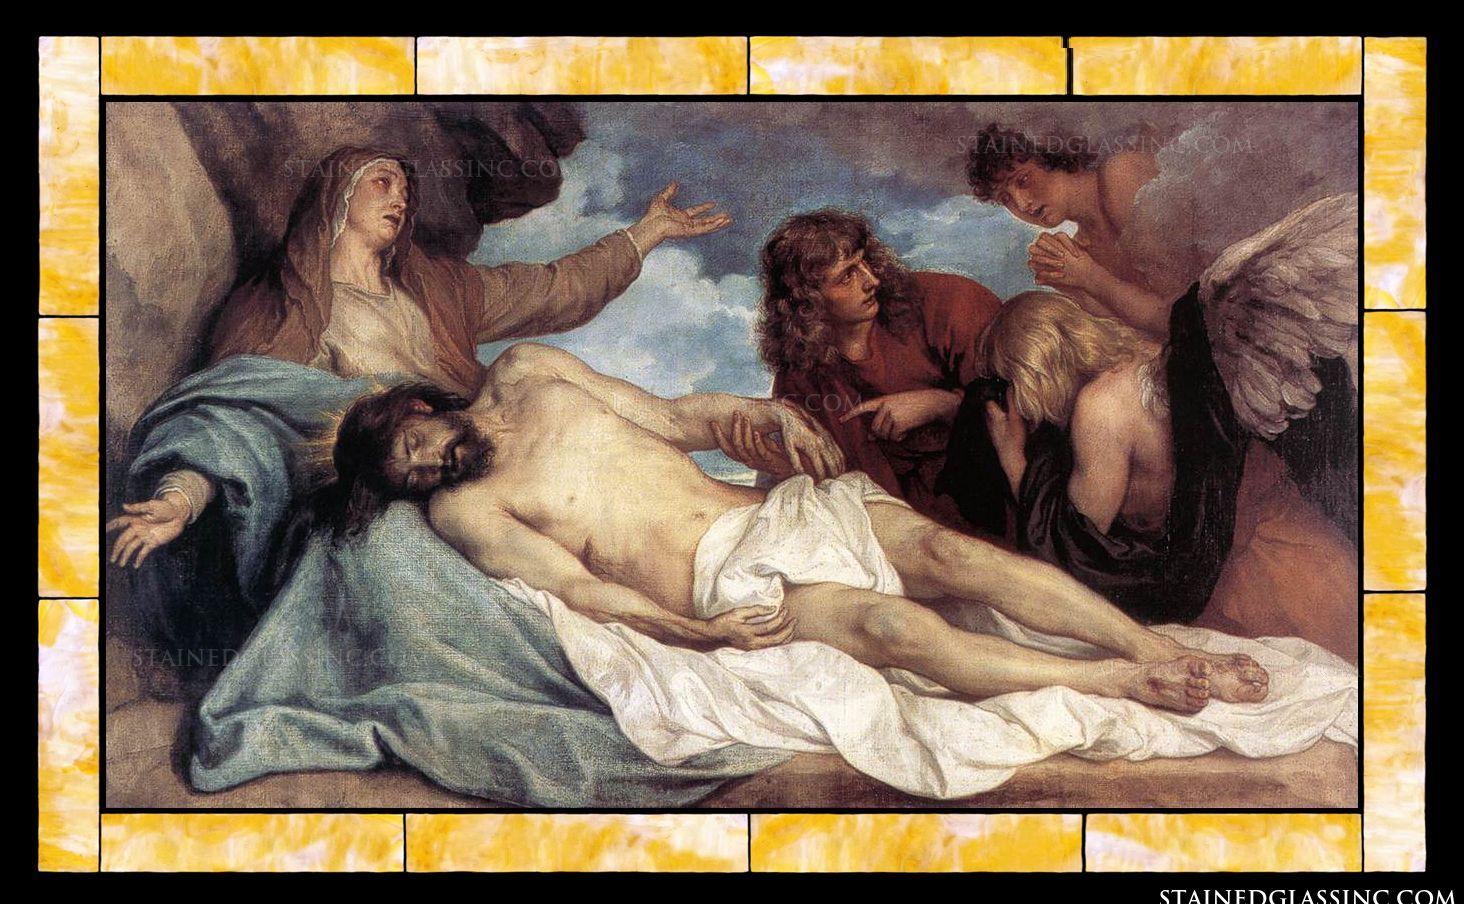 Lamentation of Christ   The Lamentation of Christ by Sir Antony van Dyck